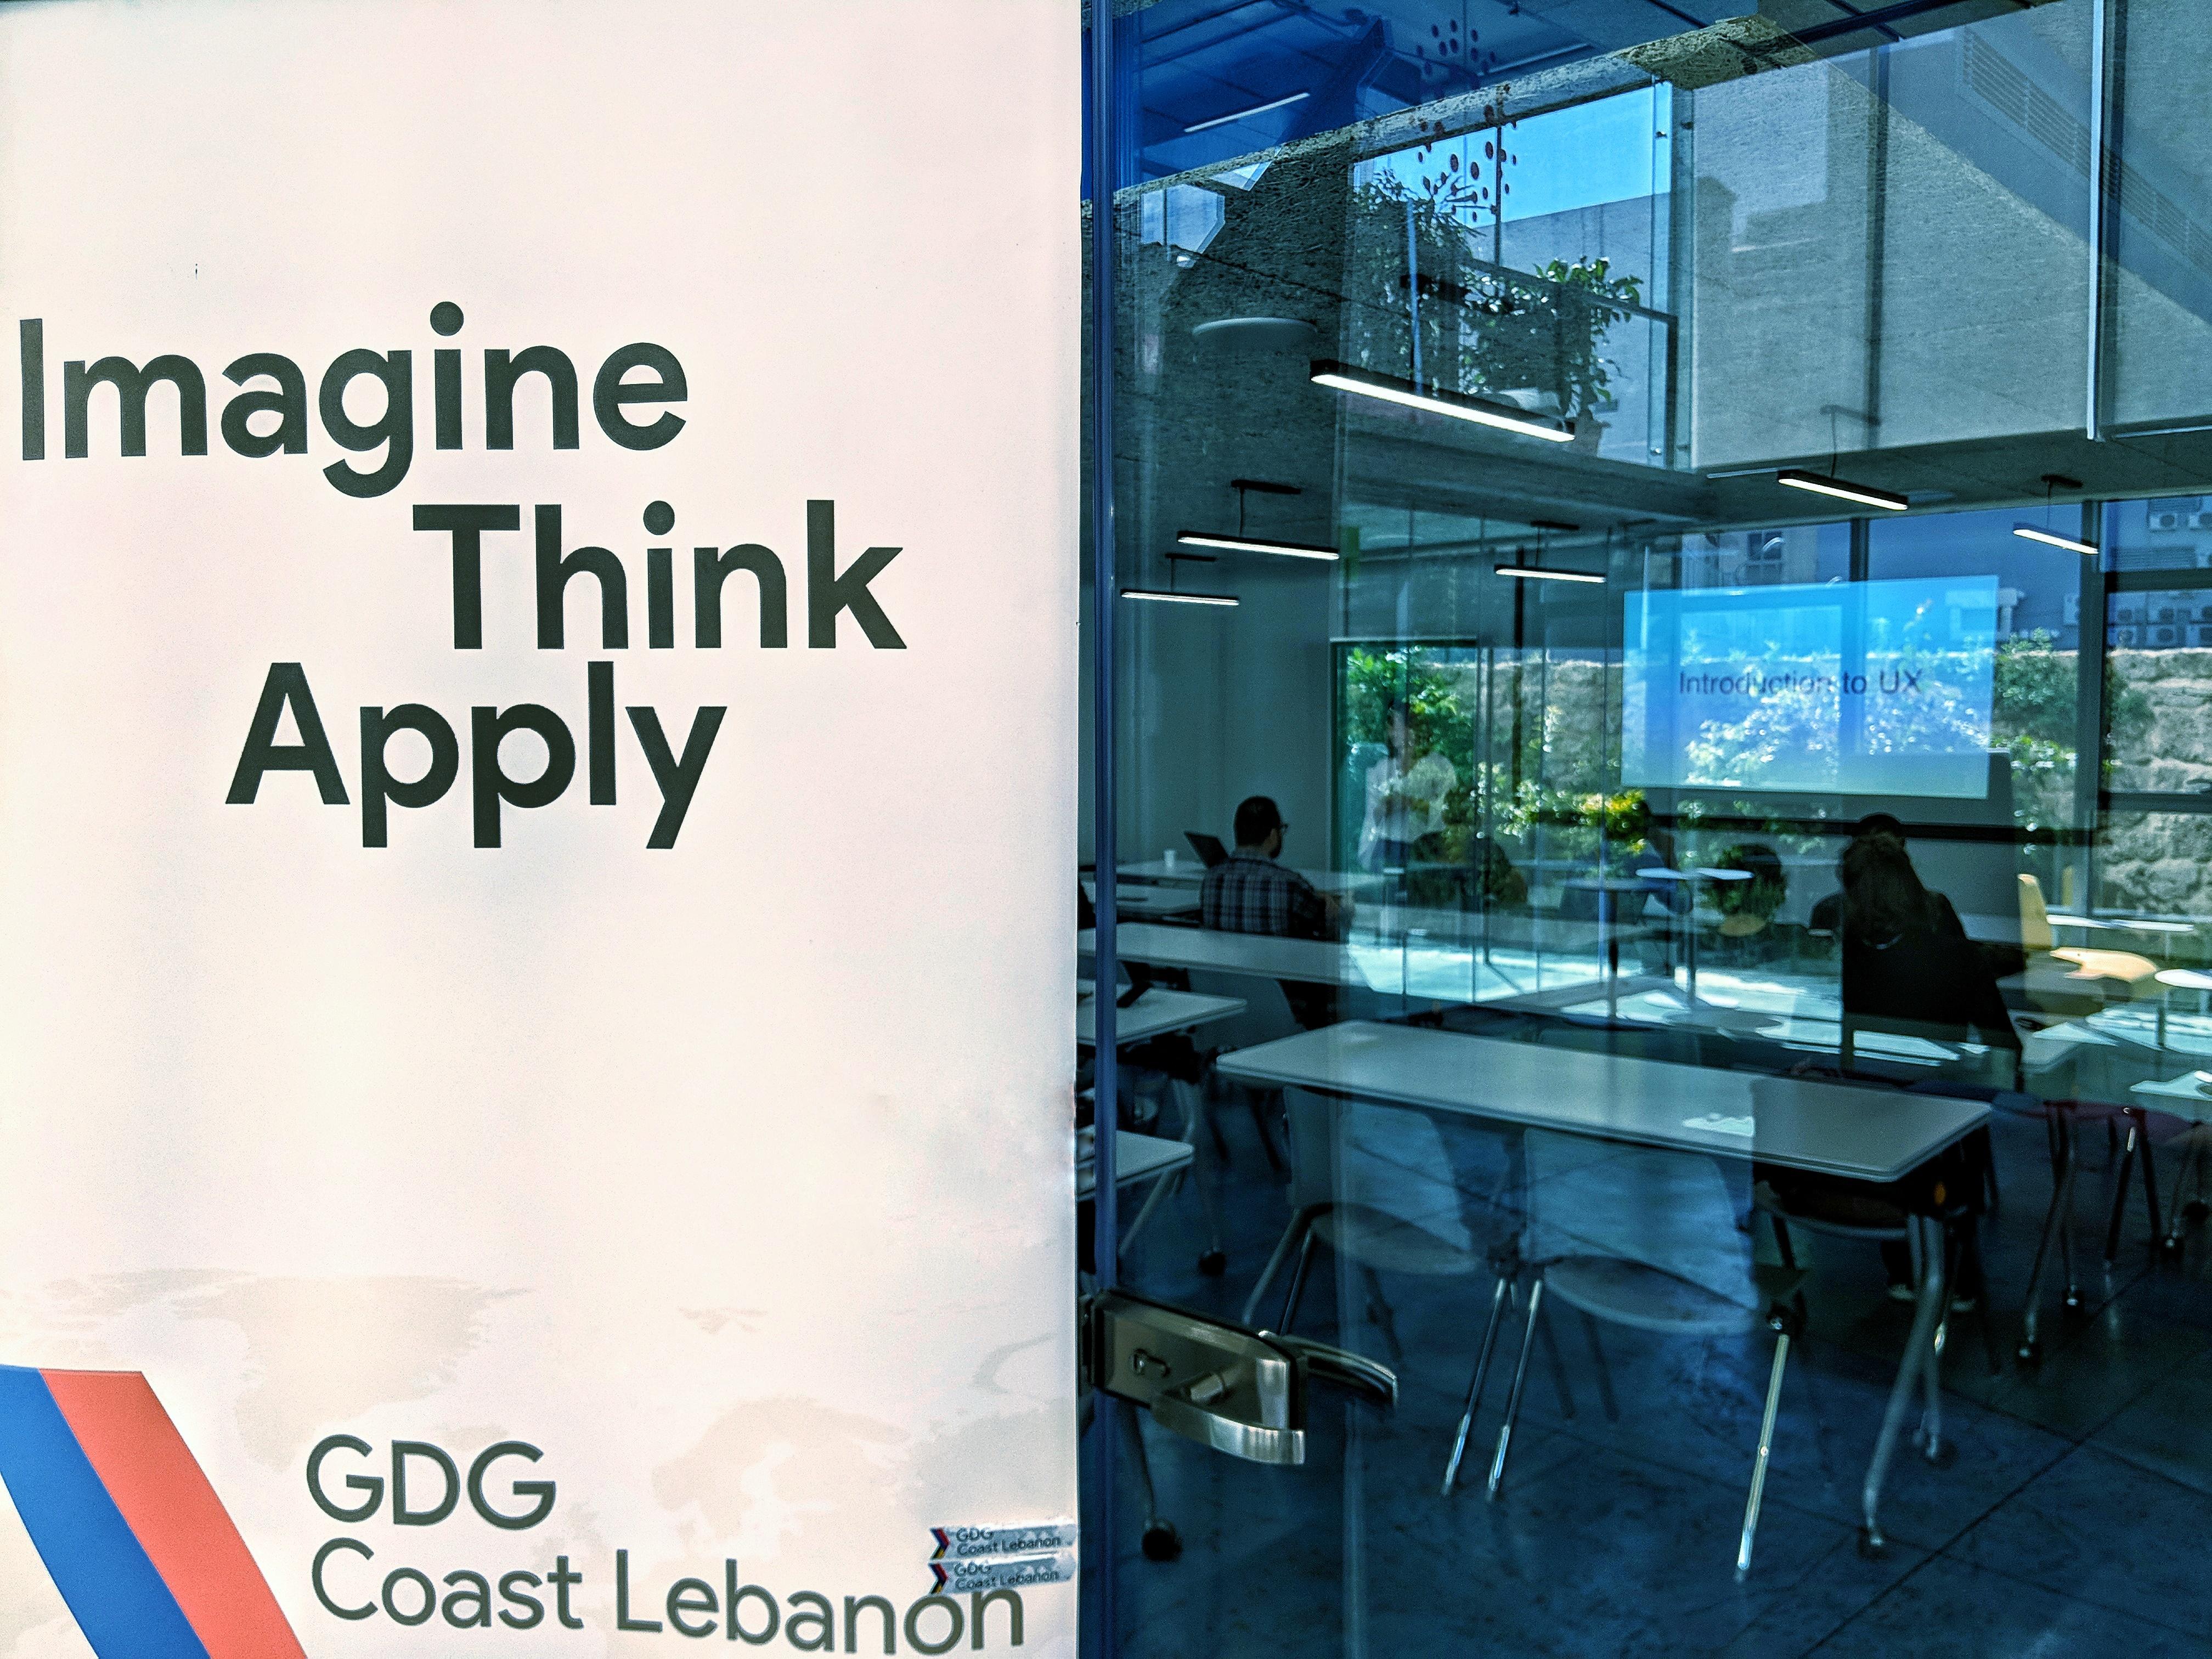 GDG Coast Lebanon